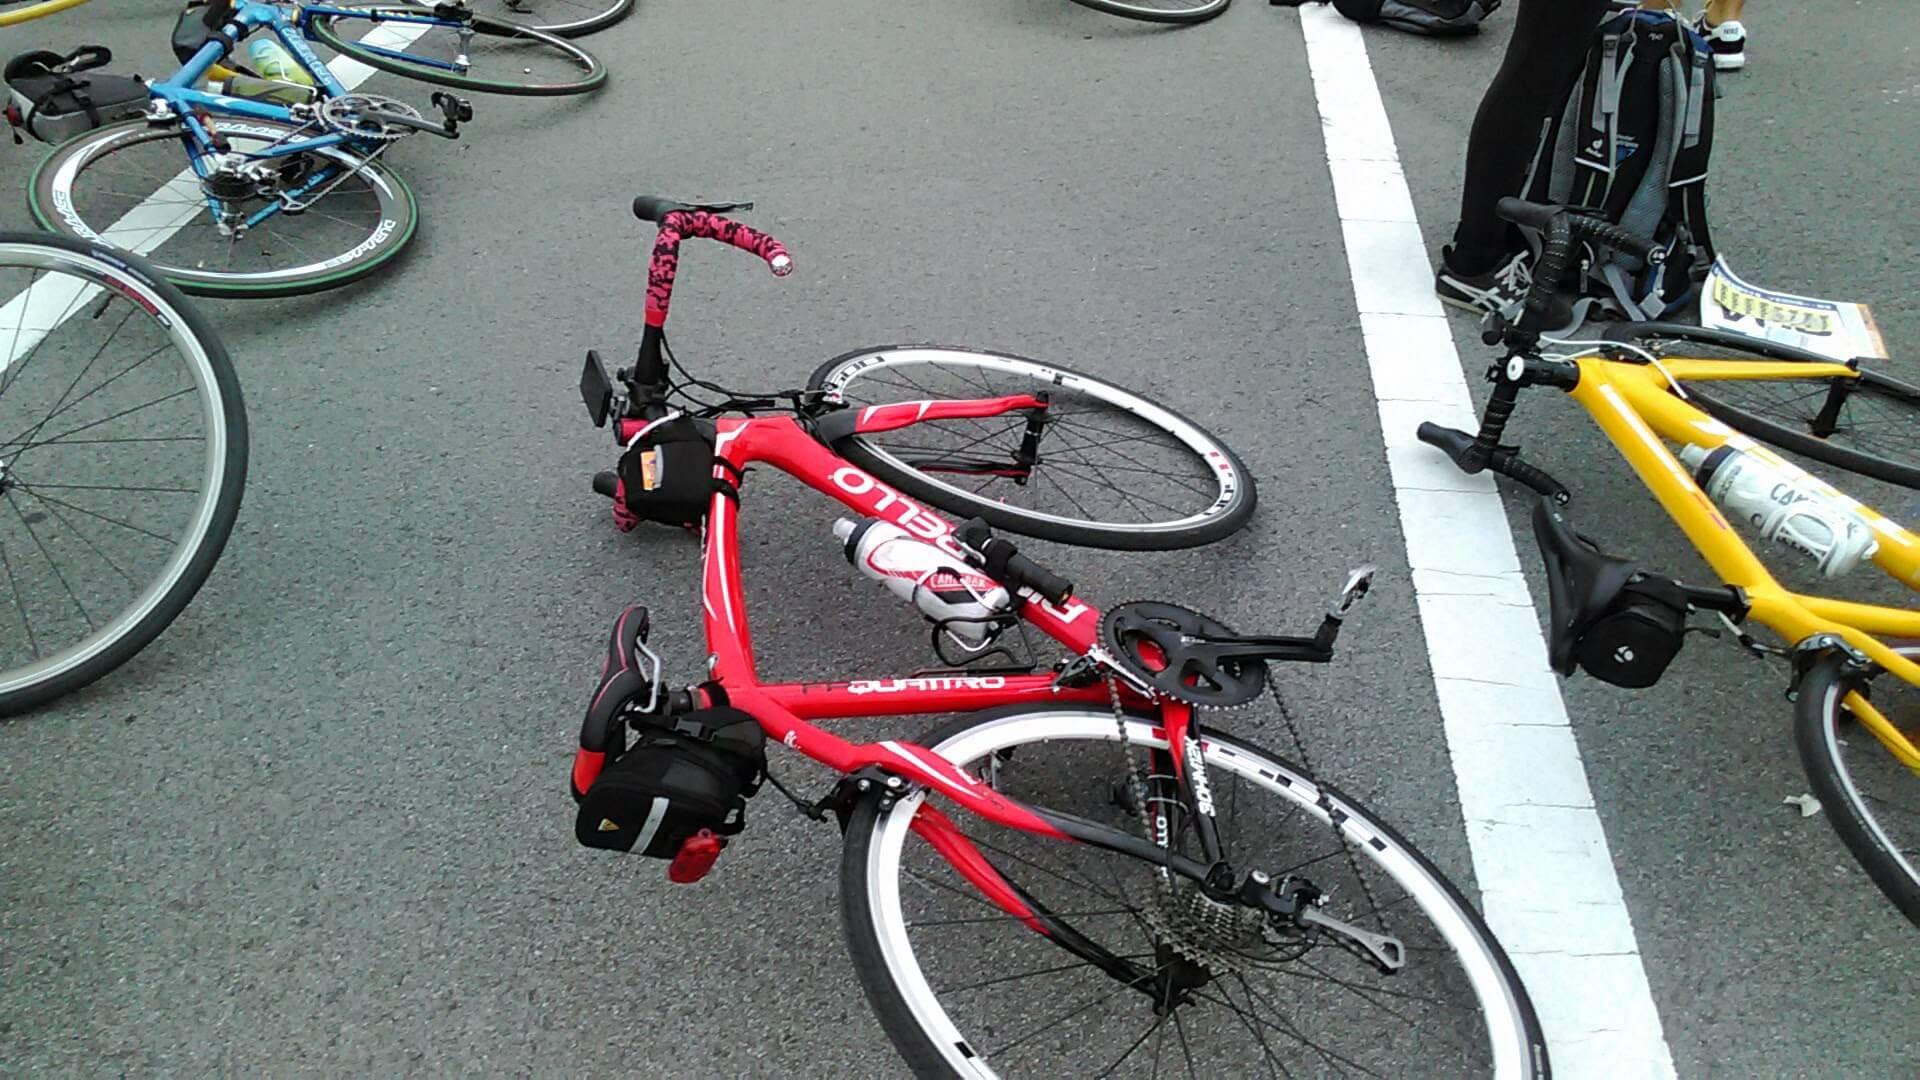 走る順に自転車を並べる。 ちなみにフレームをこの夏に交換した。